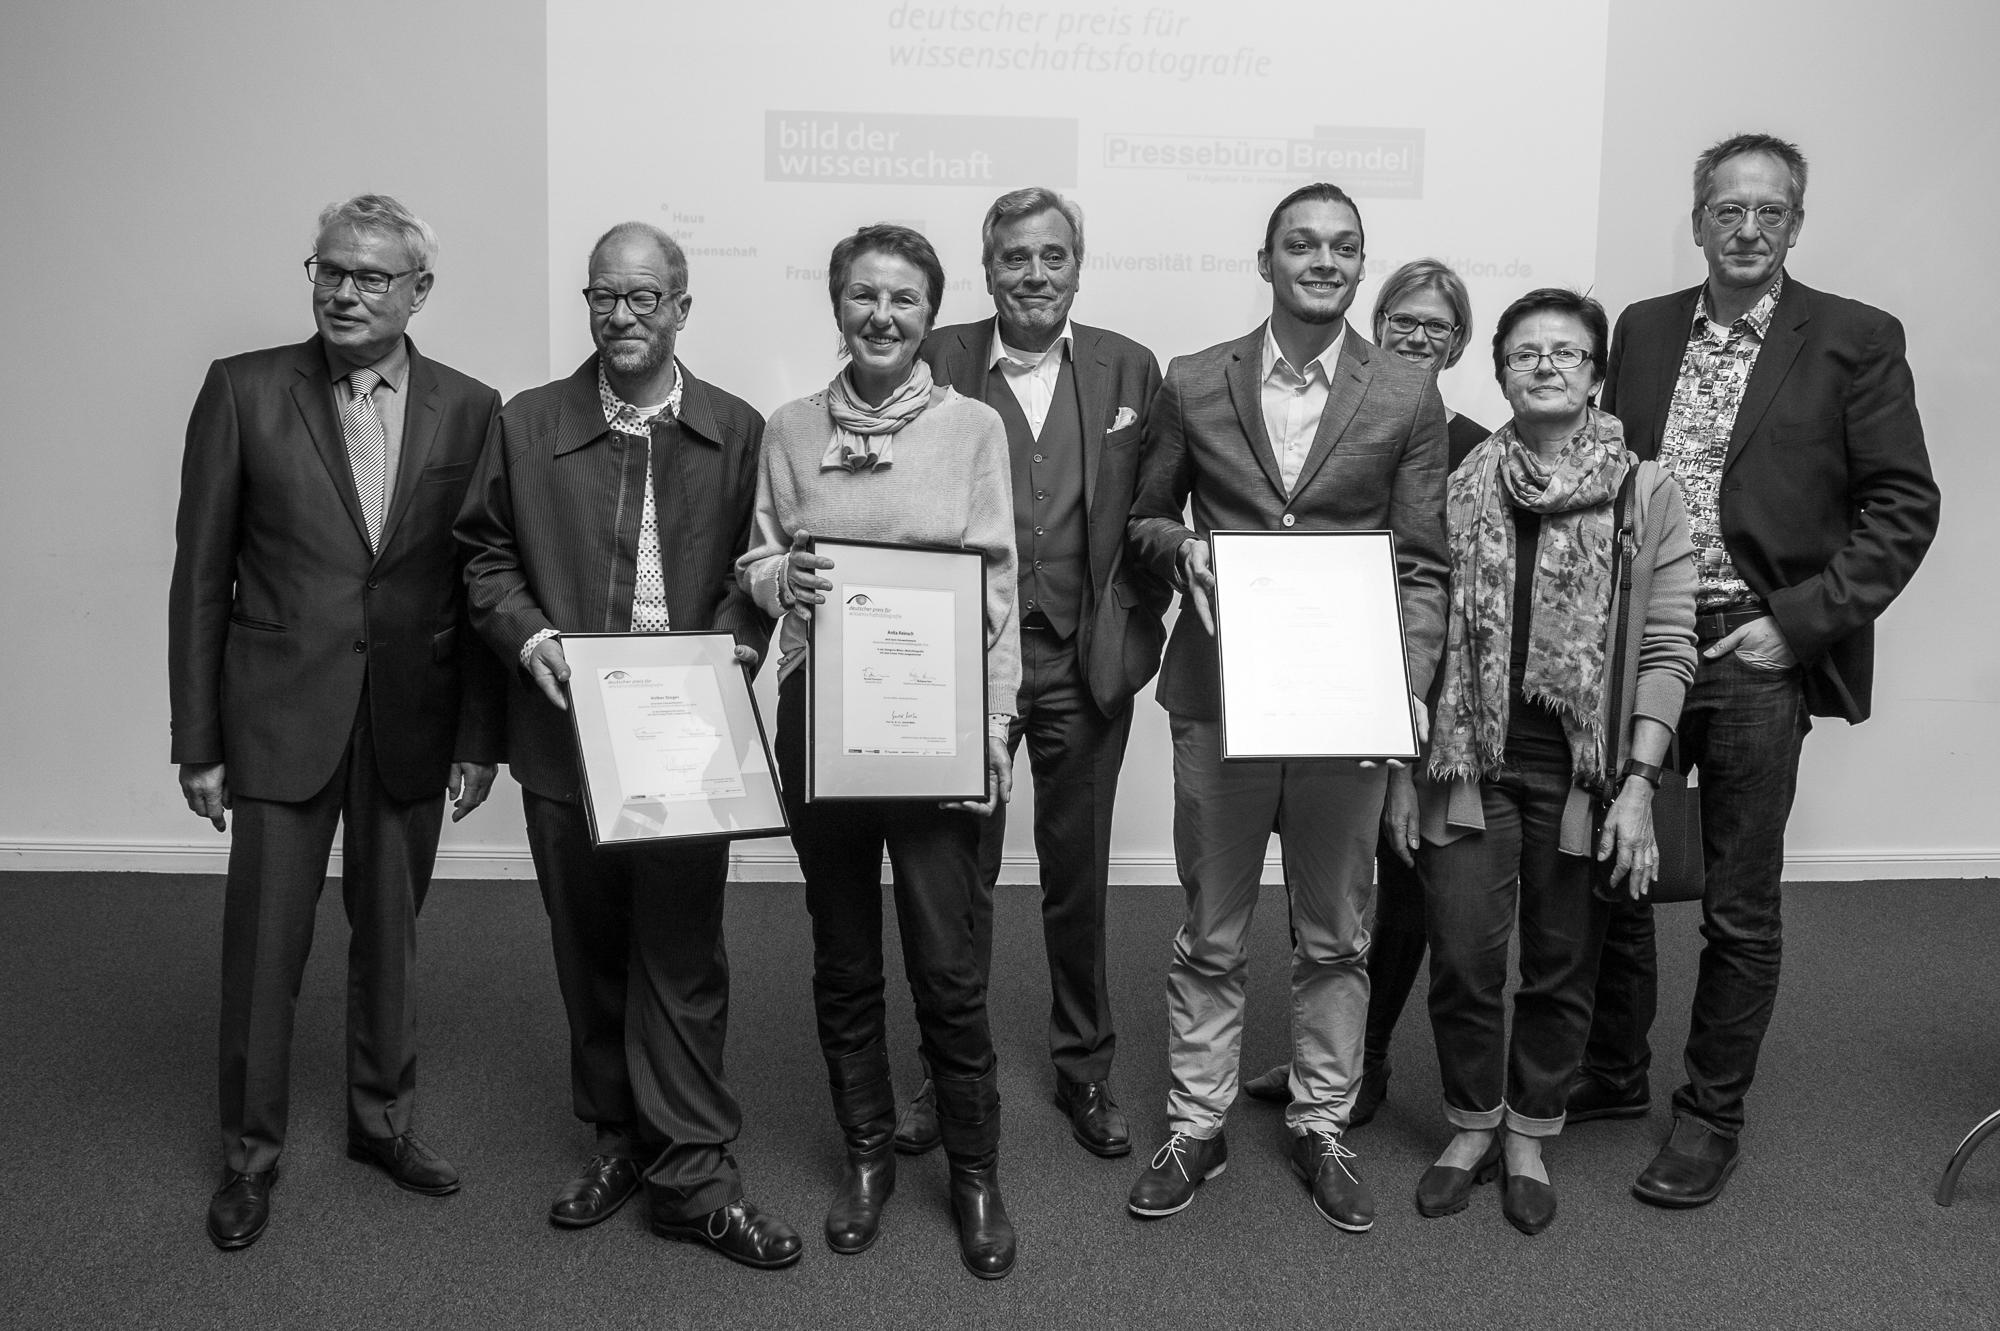 Reportage Kategorie, Fotopreis, Deutscher Preis für Wissenschaftsfotografie, Zeremonie